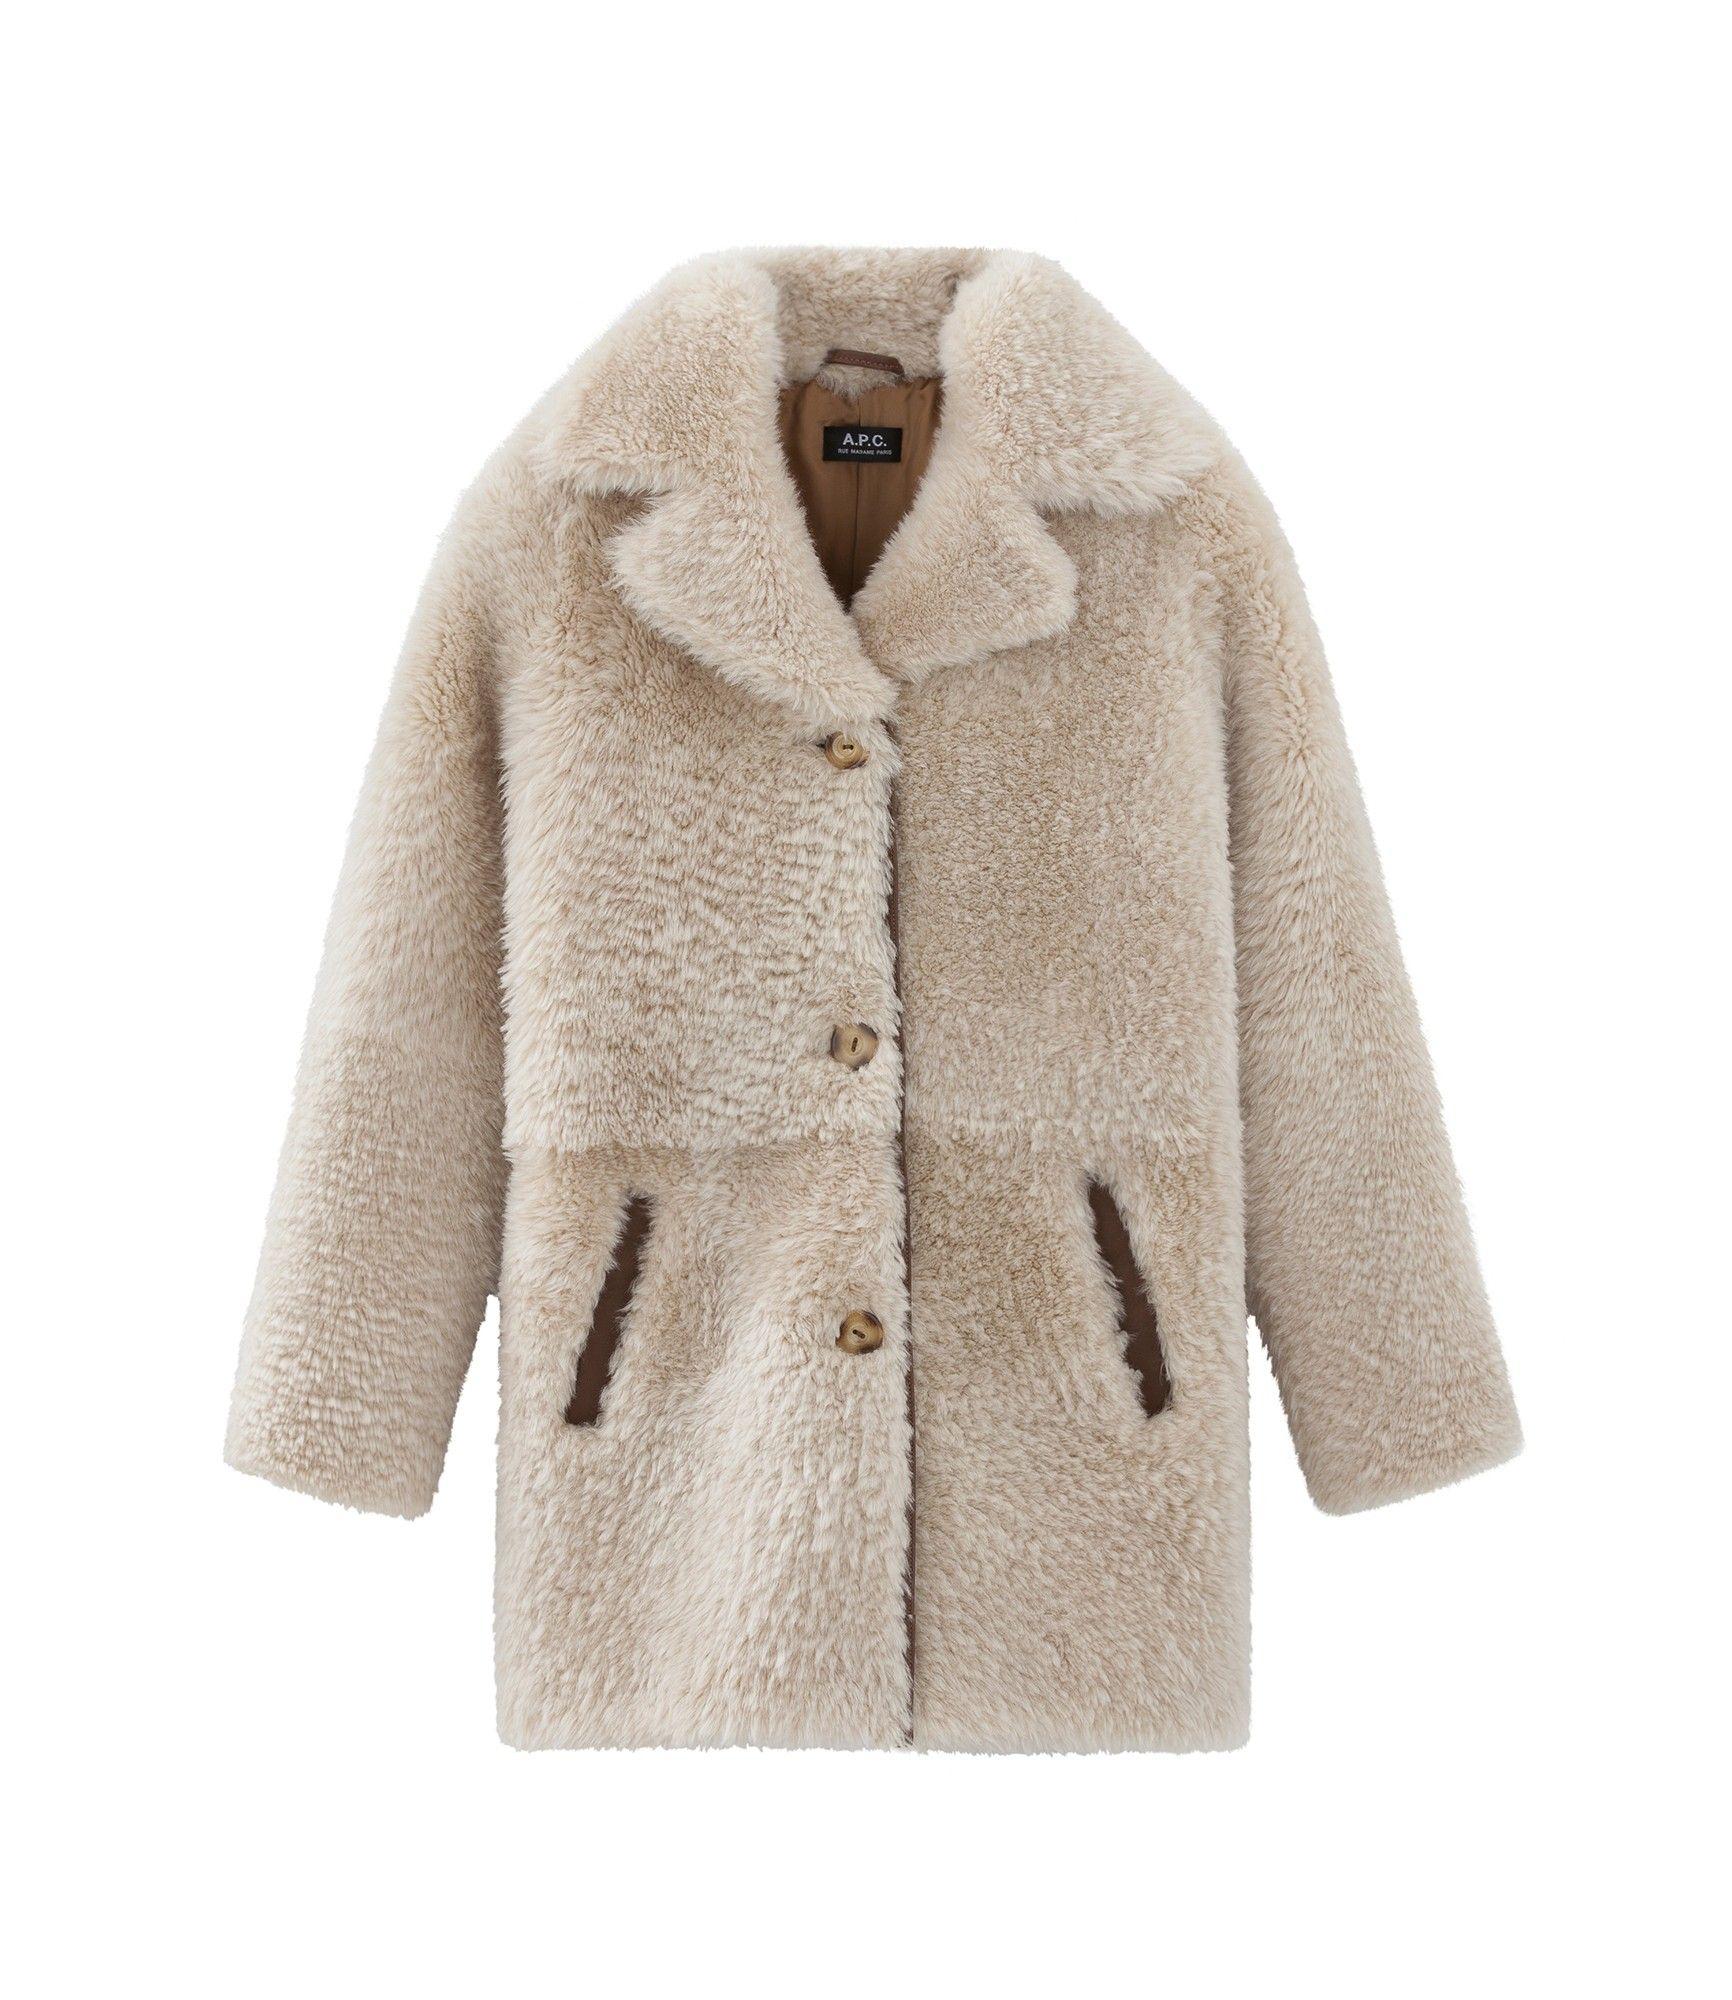 b798212377 A.P.C. Katia coat